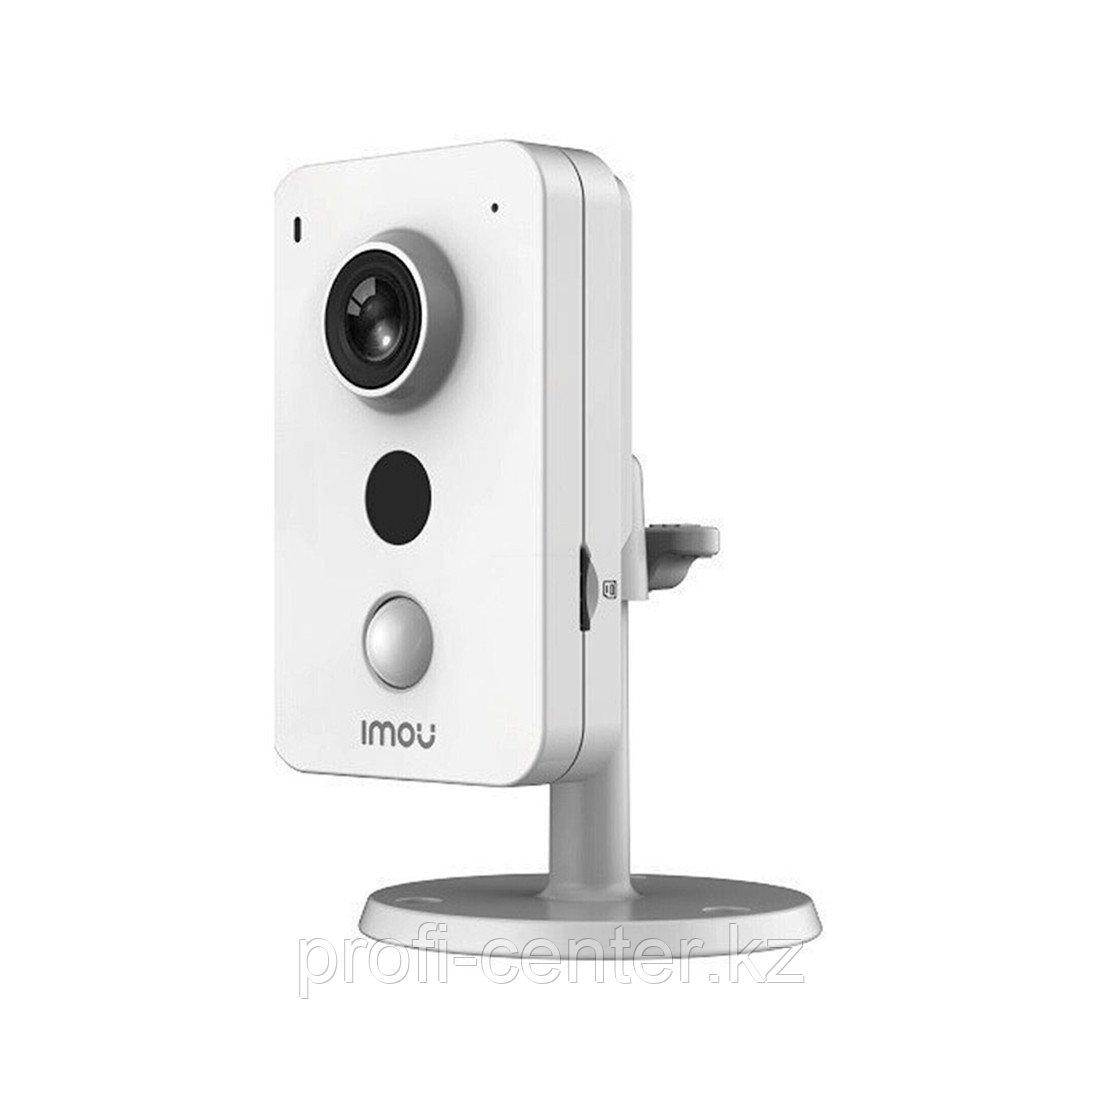 WIFI видеокамера IMOU Cube POE 2МП